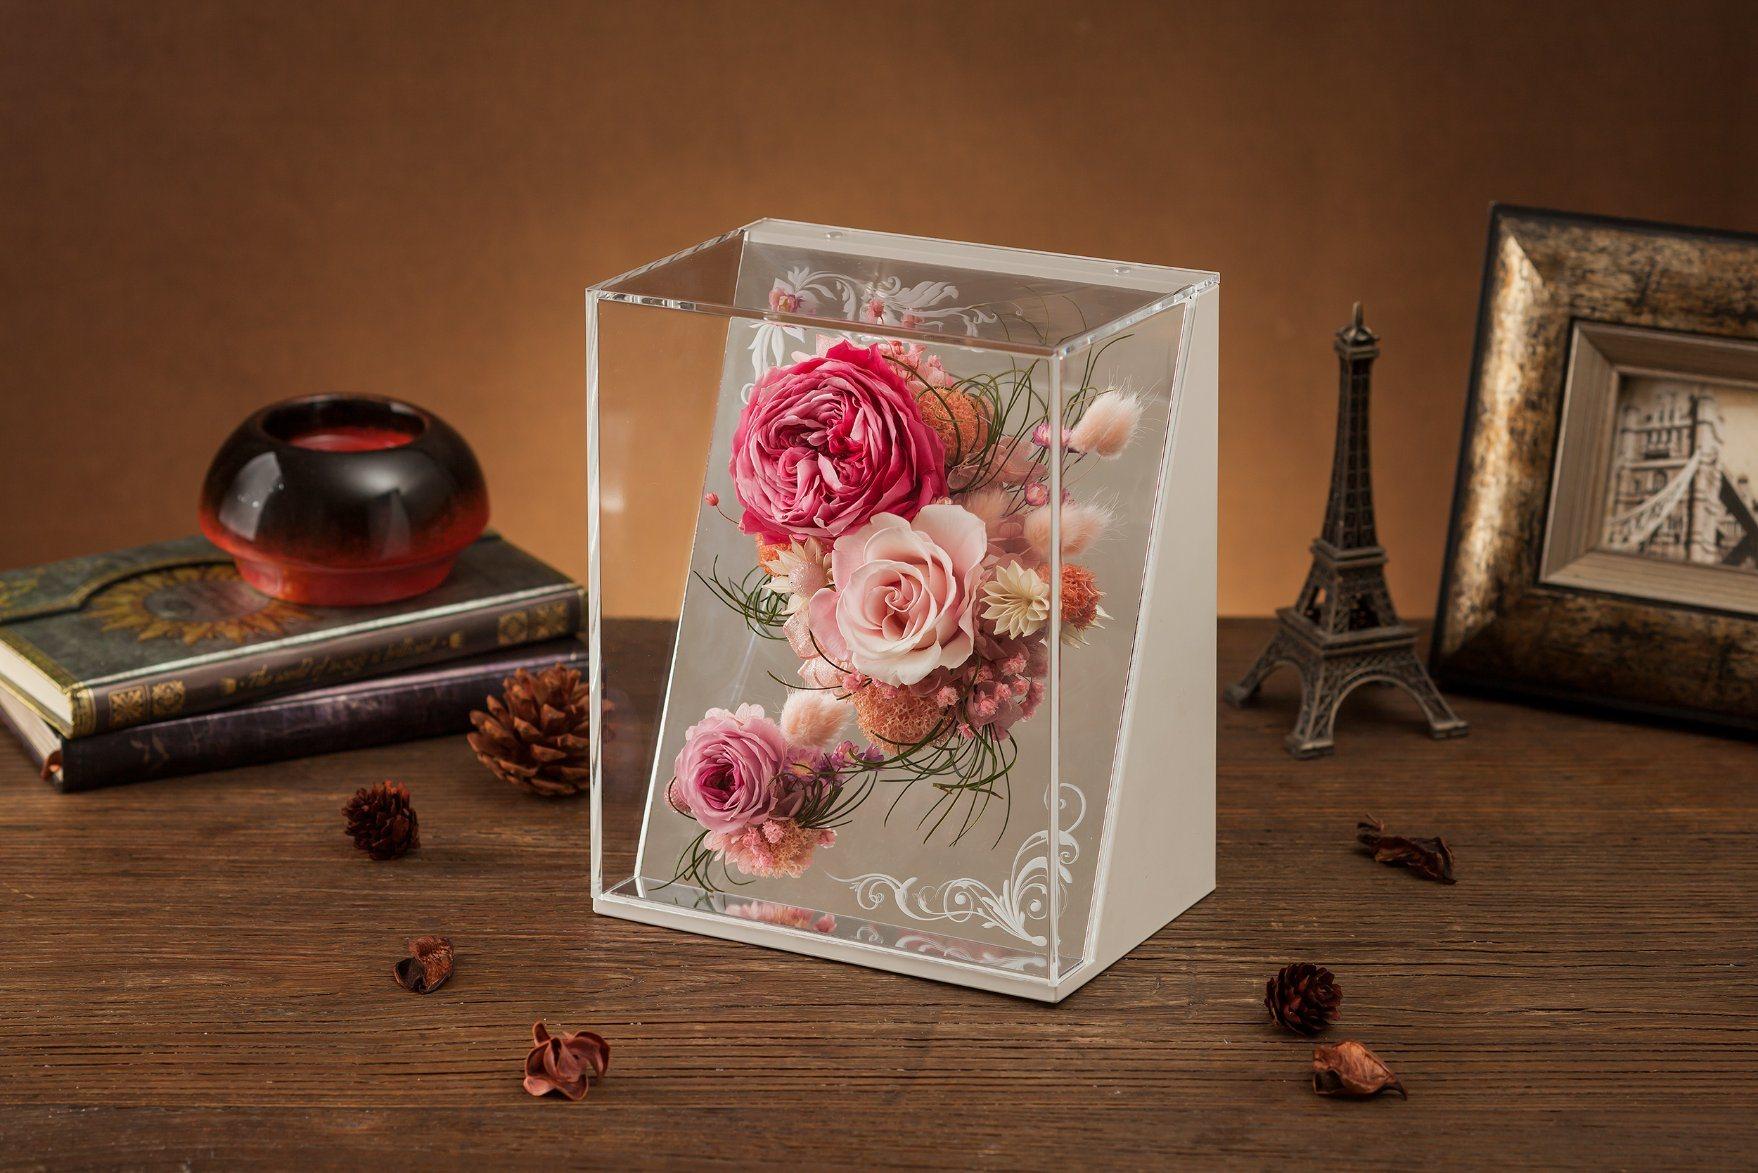 Ivenran Gift Box Preserved Fresh Flower for Creative Gift